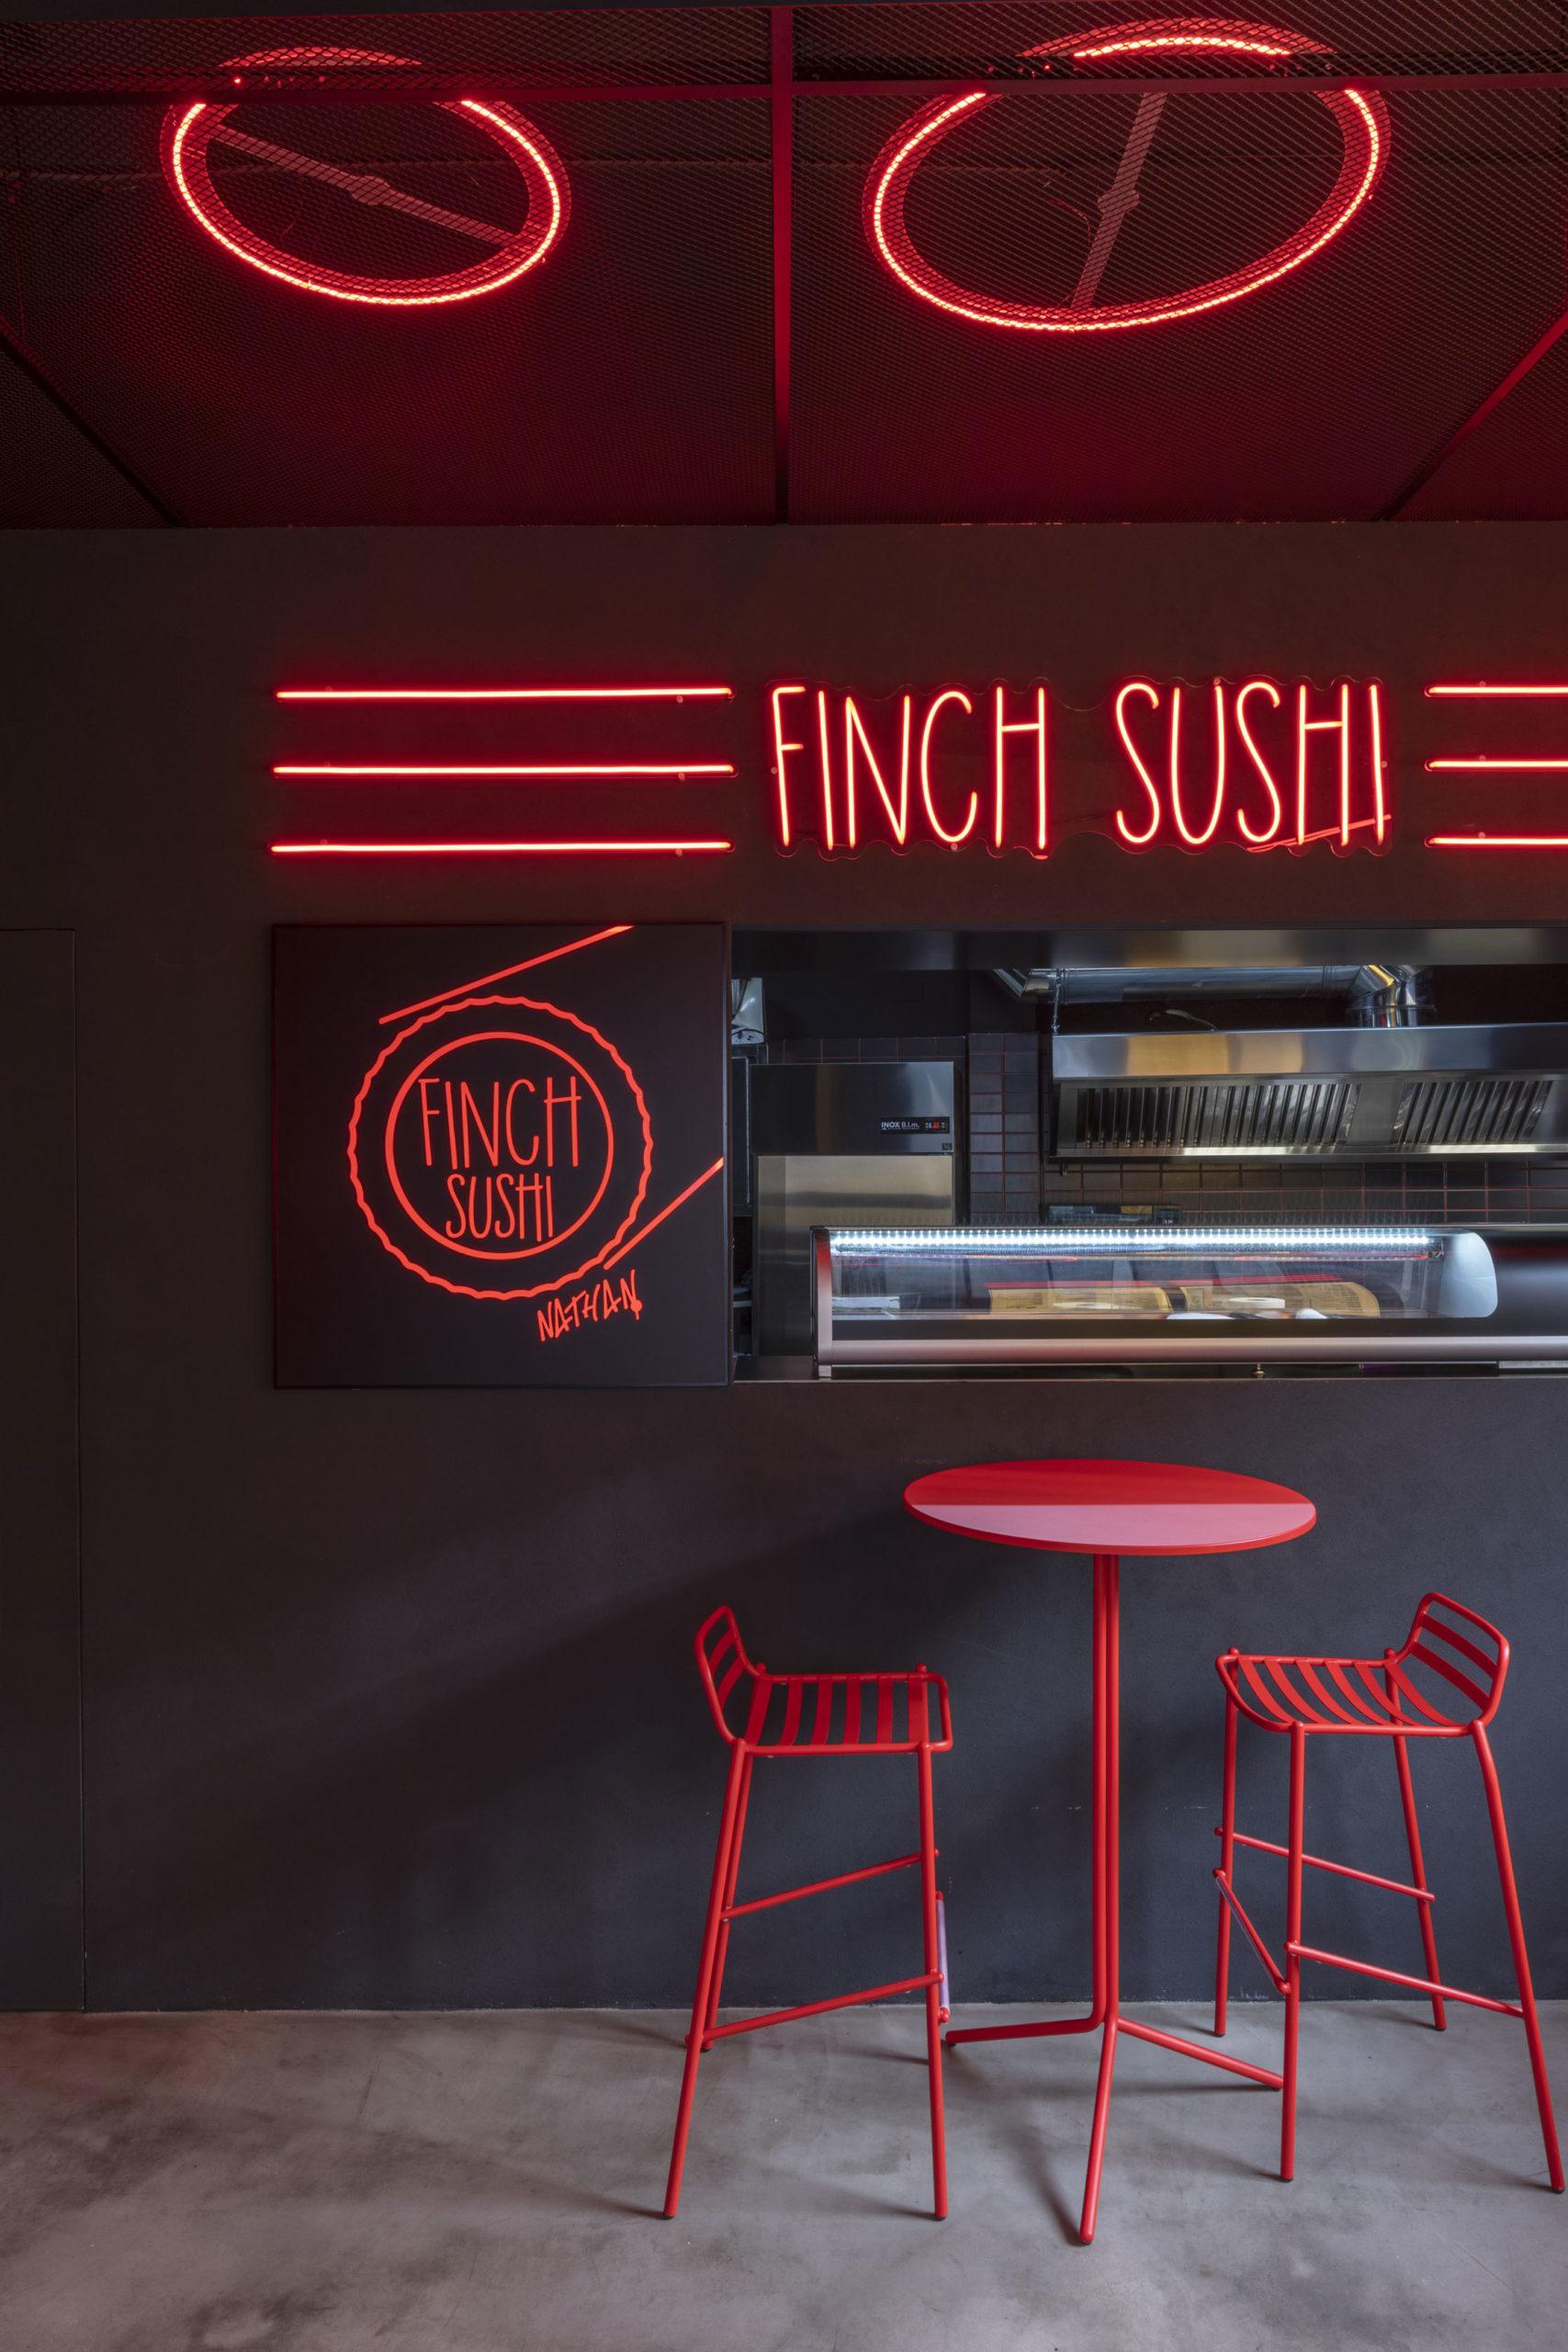 Finch sushi 11